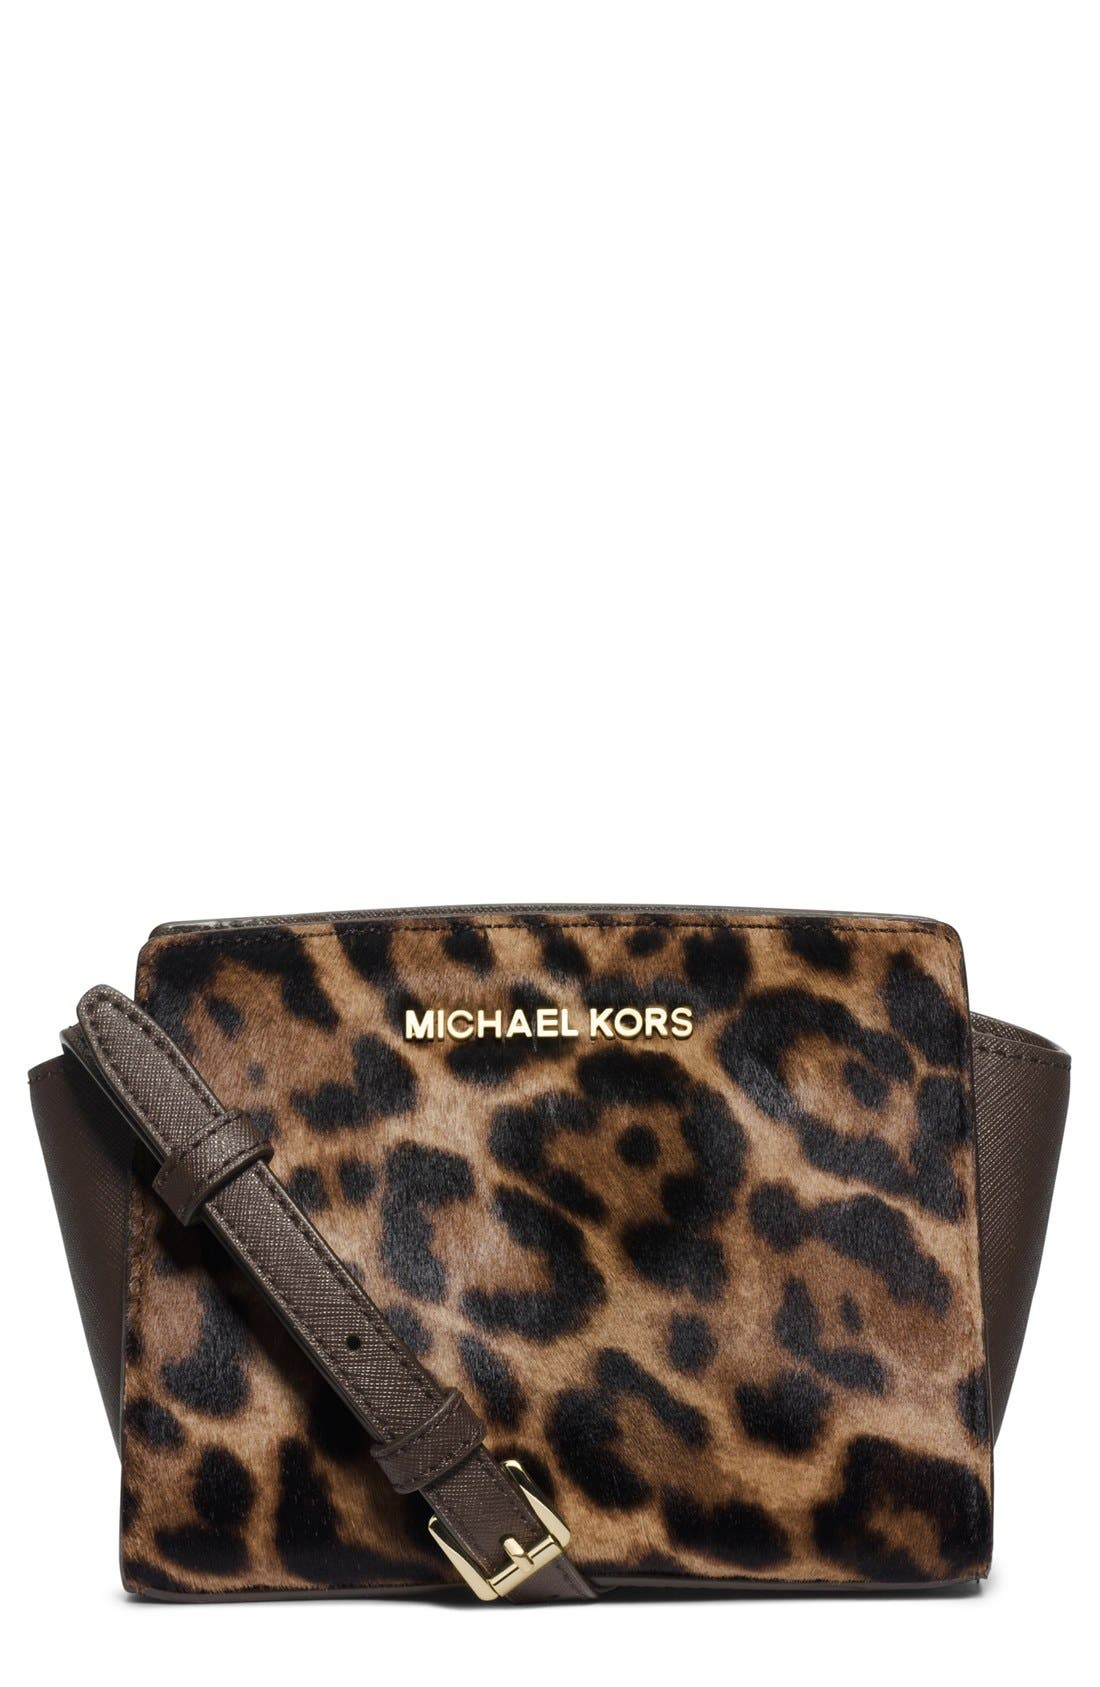 Alternate Image 1 Selected - MICHAEL Michael Kors 'Mini Selma' Calf Hair & Leather Messenger Bag